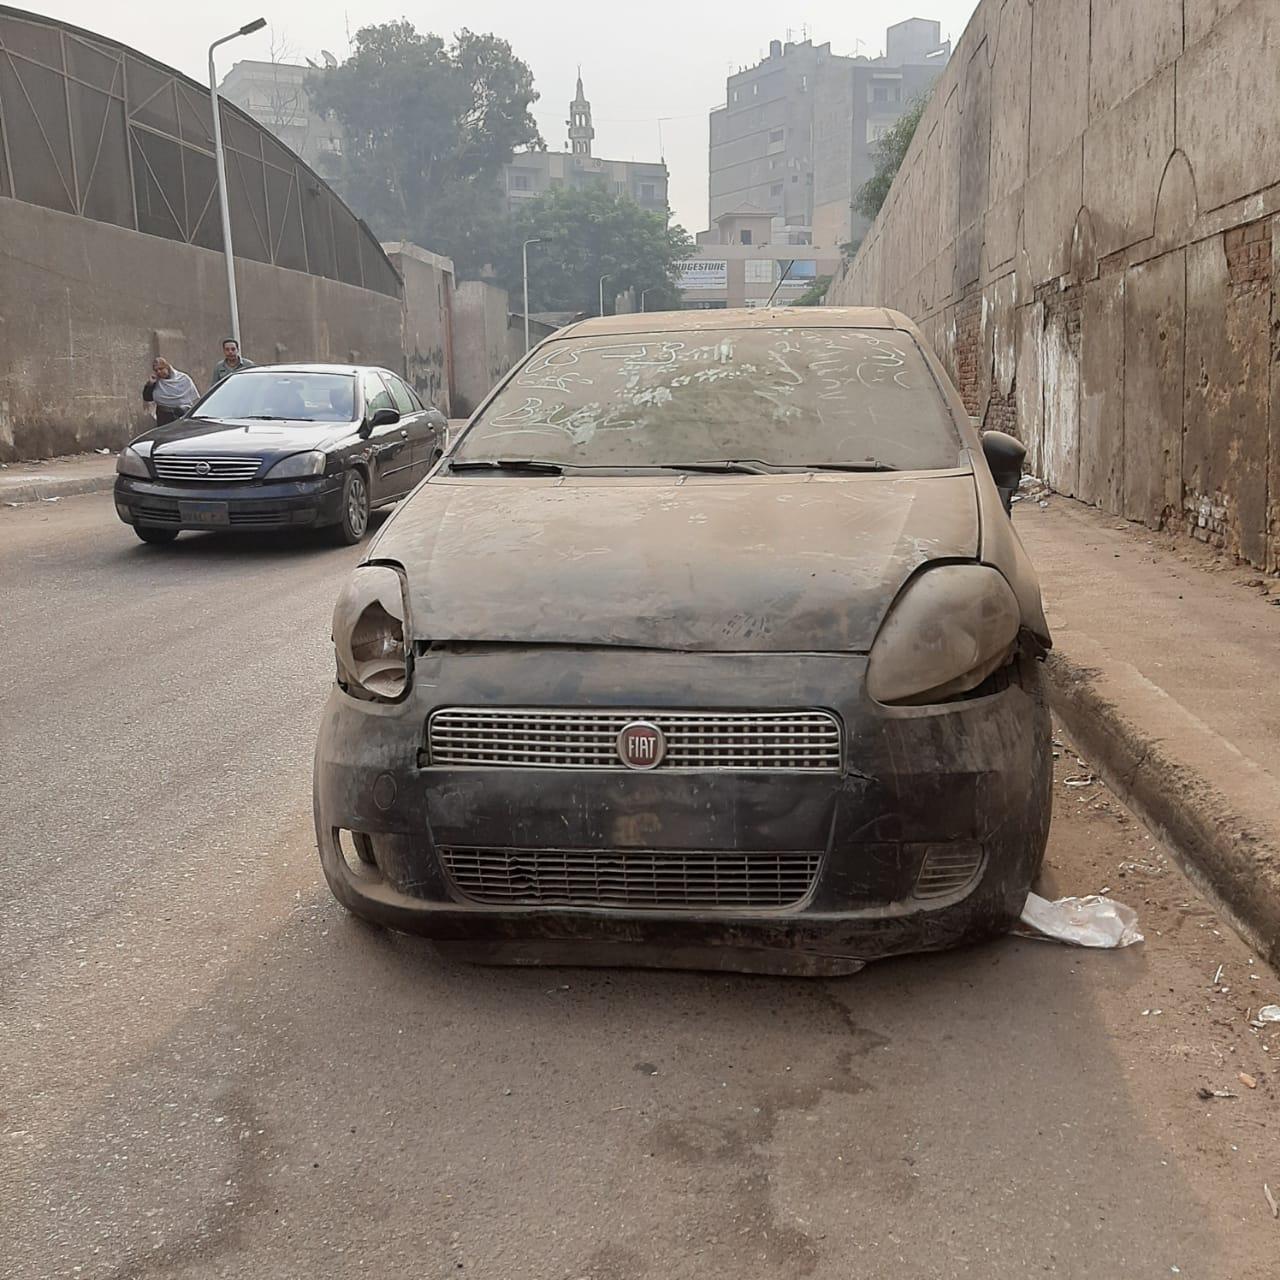 سيارة بجون بوحة معدنية